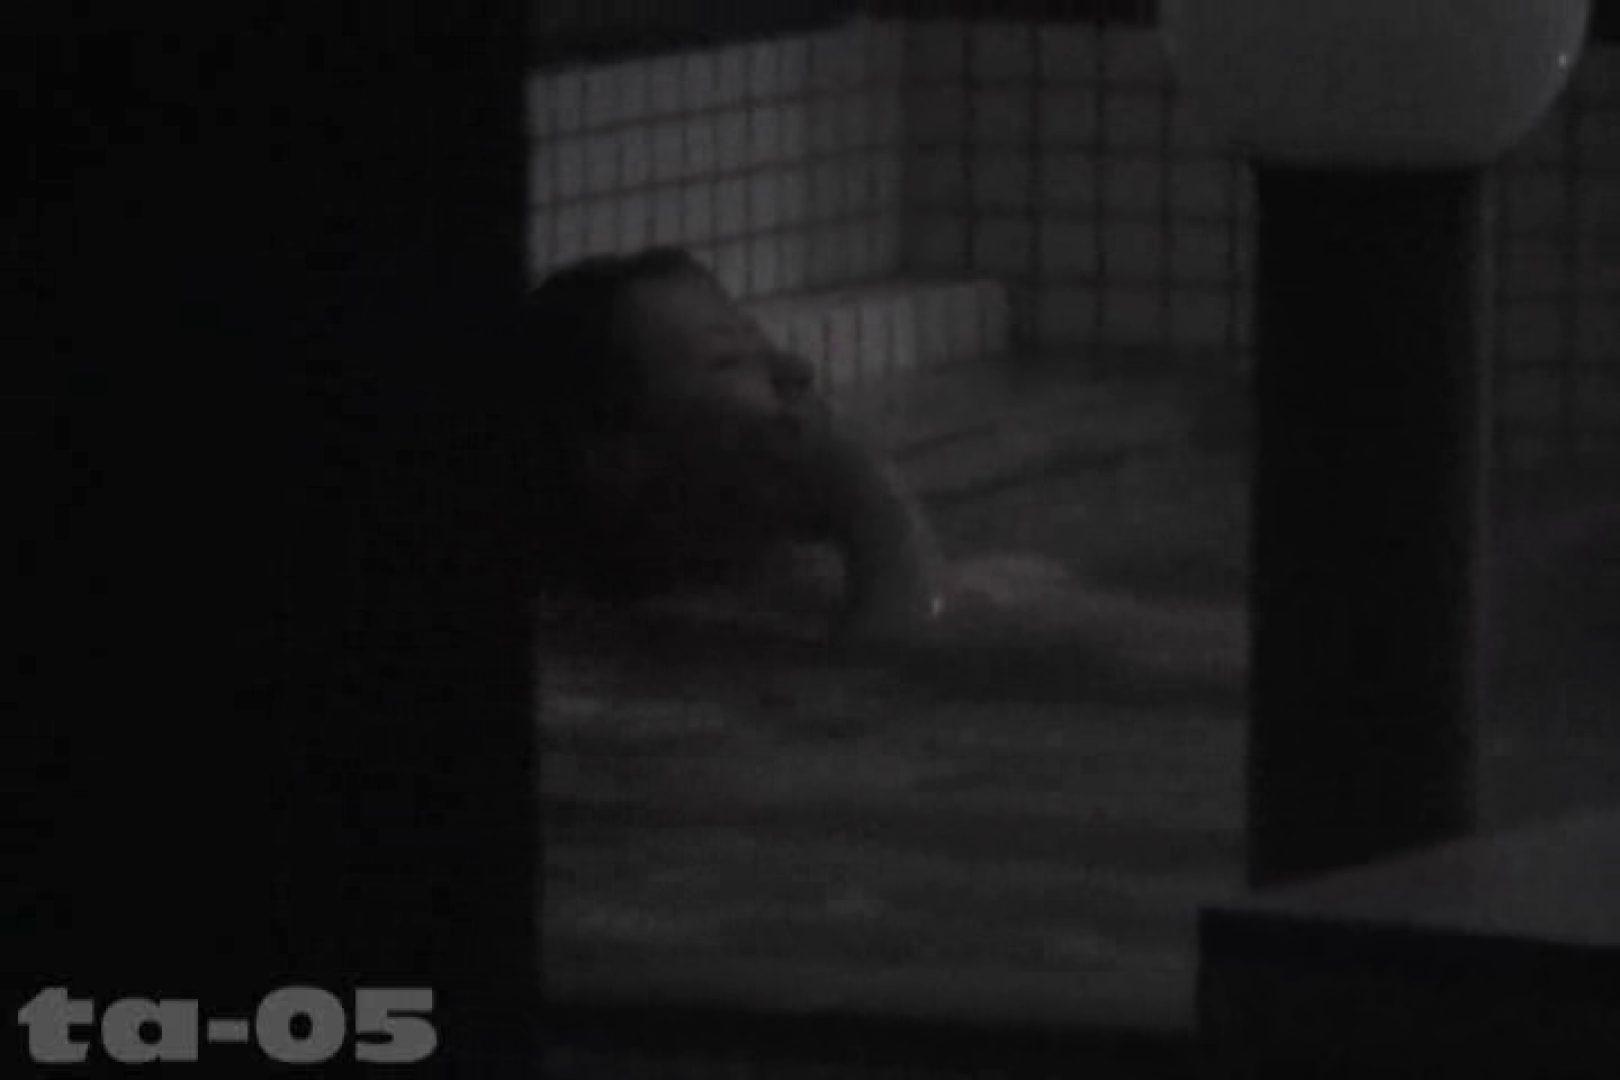 合宿ホテル女風呂盗撮高画質版 Vol.05 女風呂ハメ撮り   合宿  94連発 21